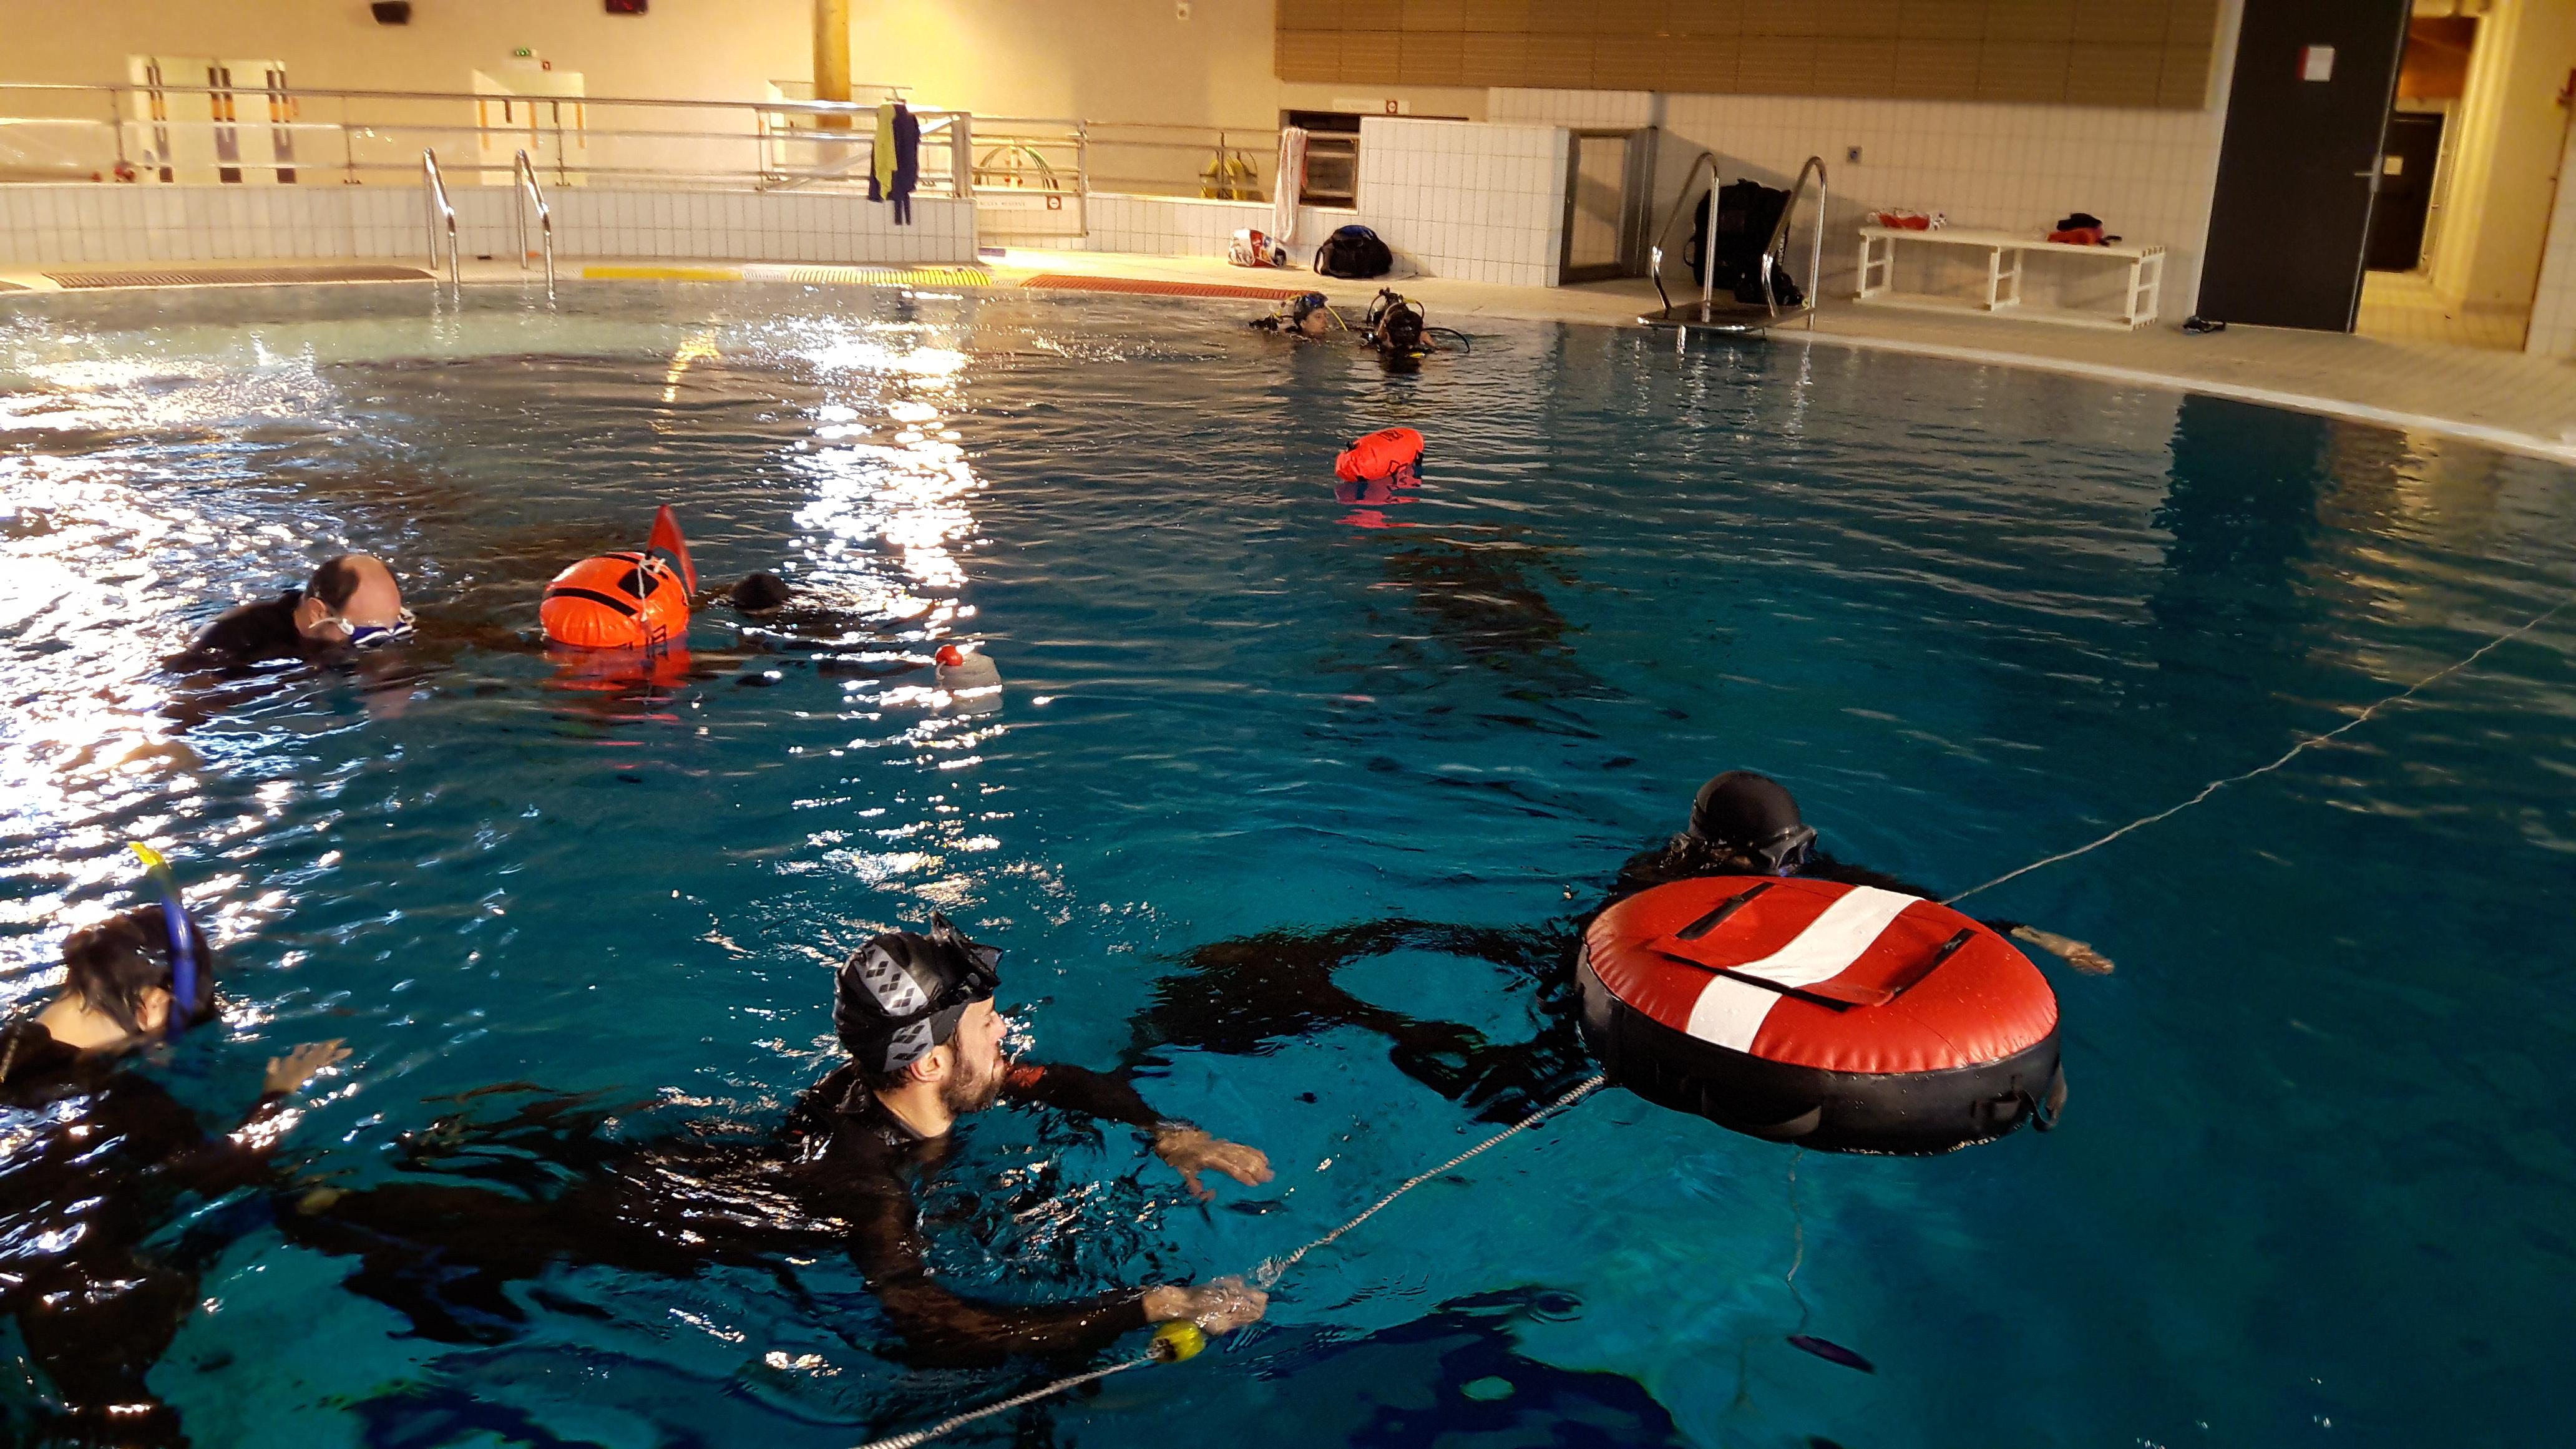 Sortie la fosse de la piscine des gayeulles club for Piscine des gayeulles rennes